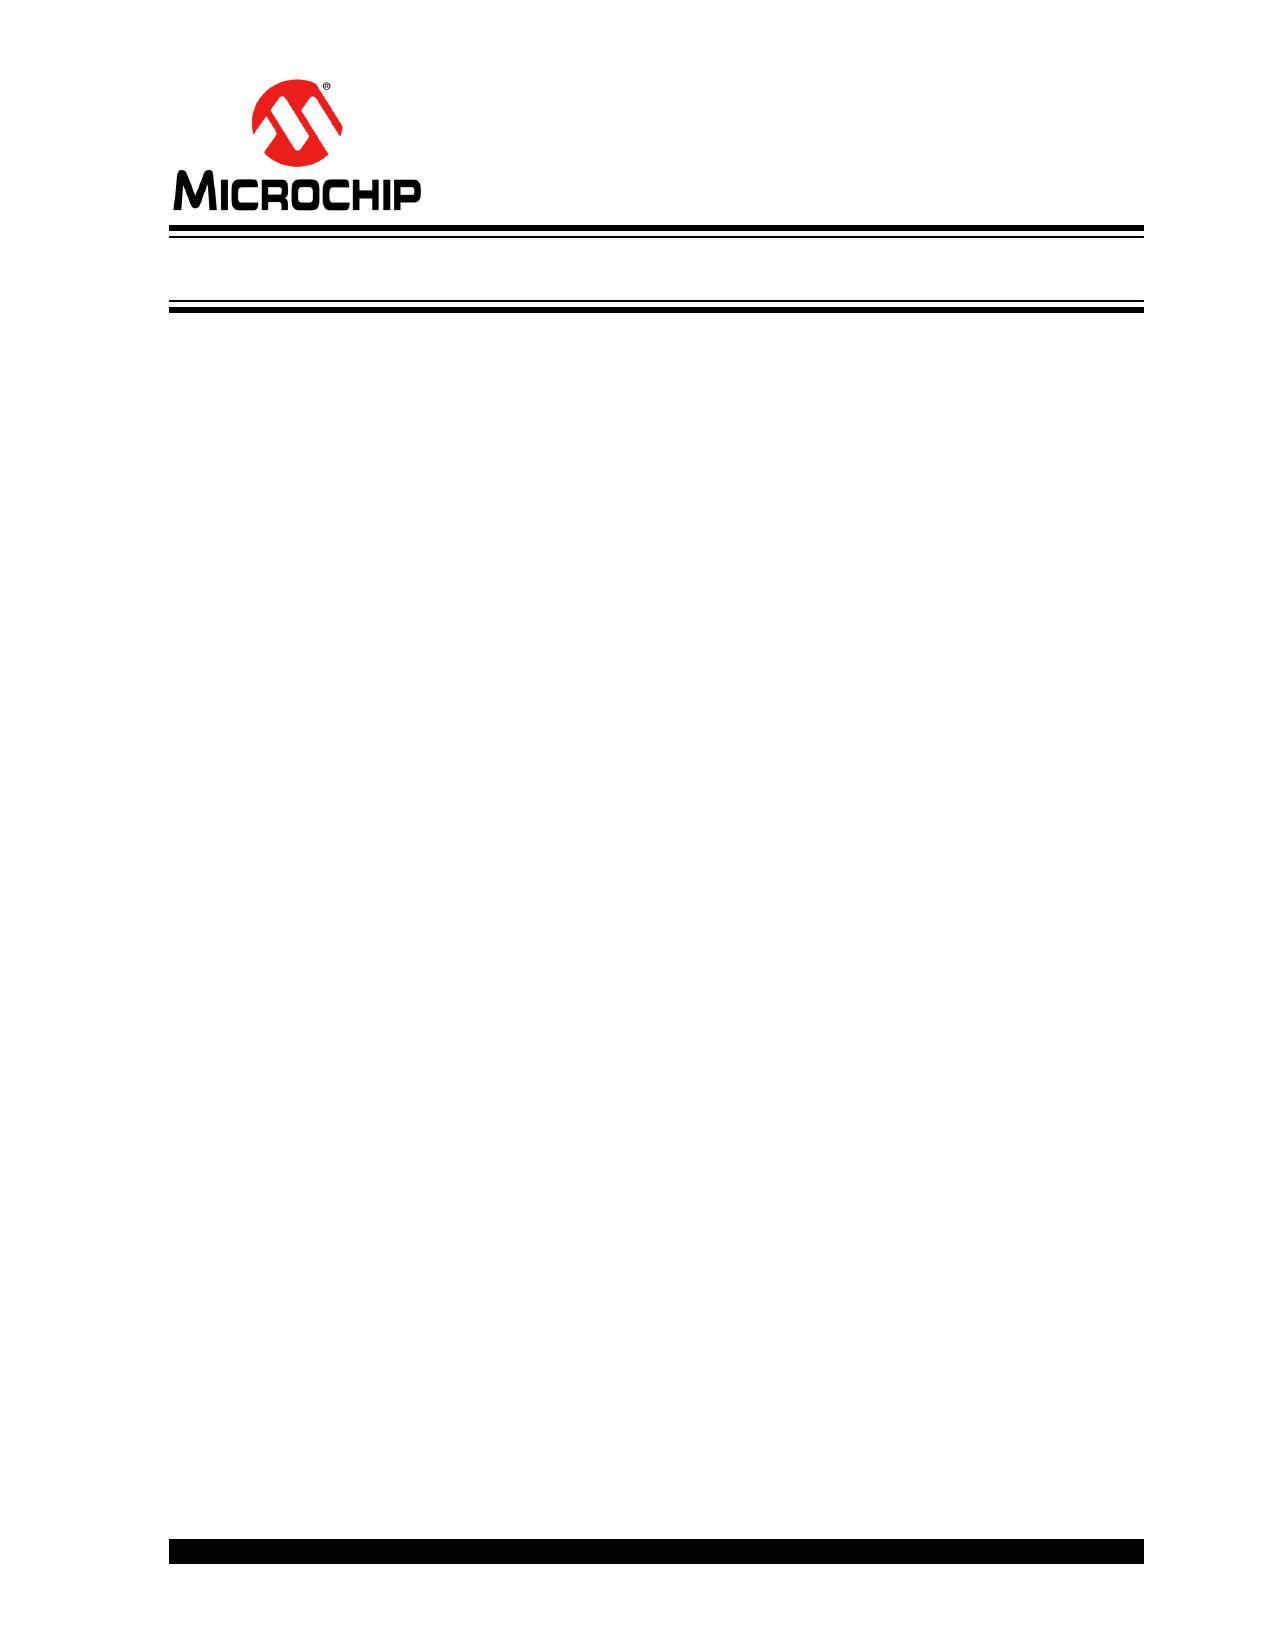 SST12CP33 datasheet